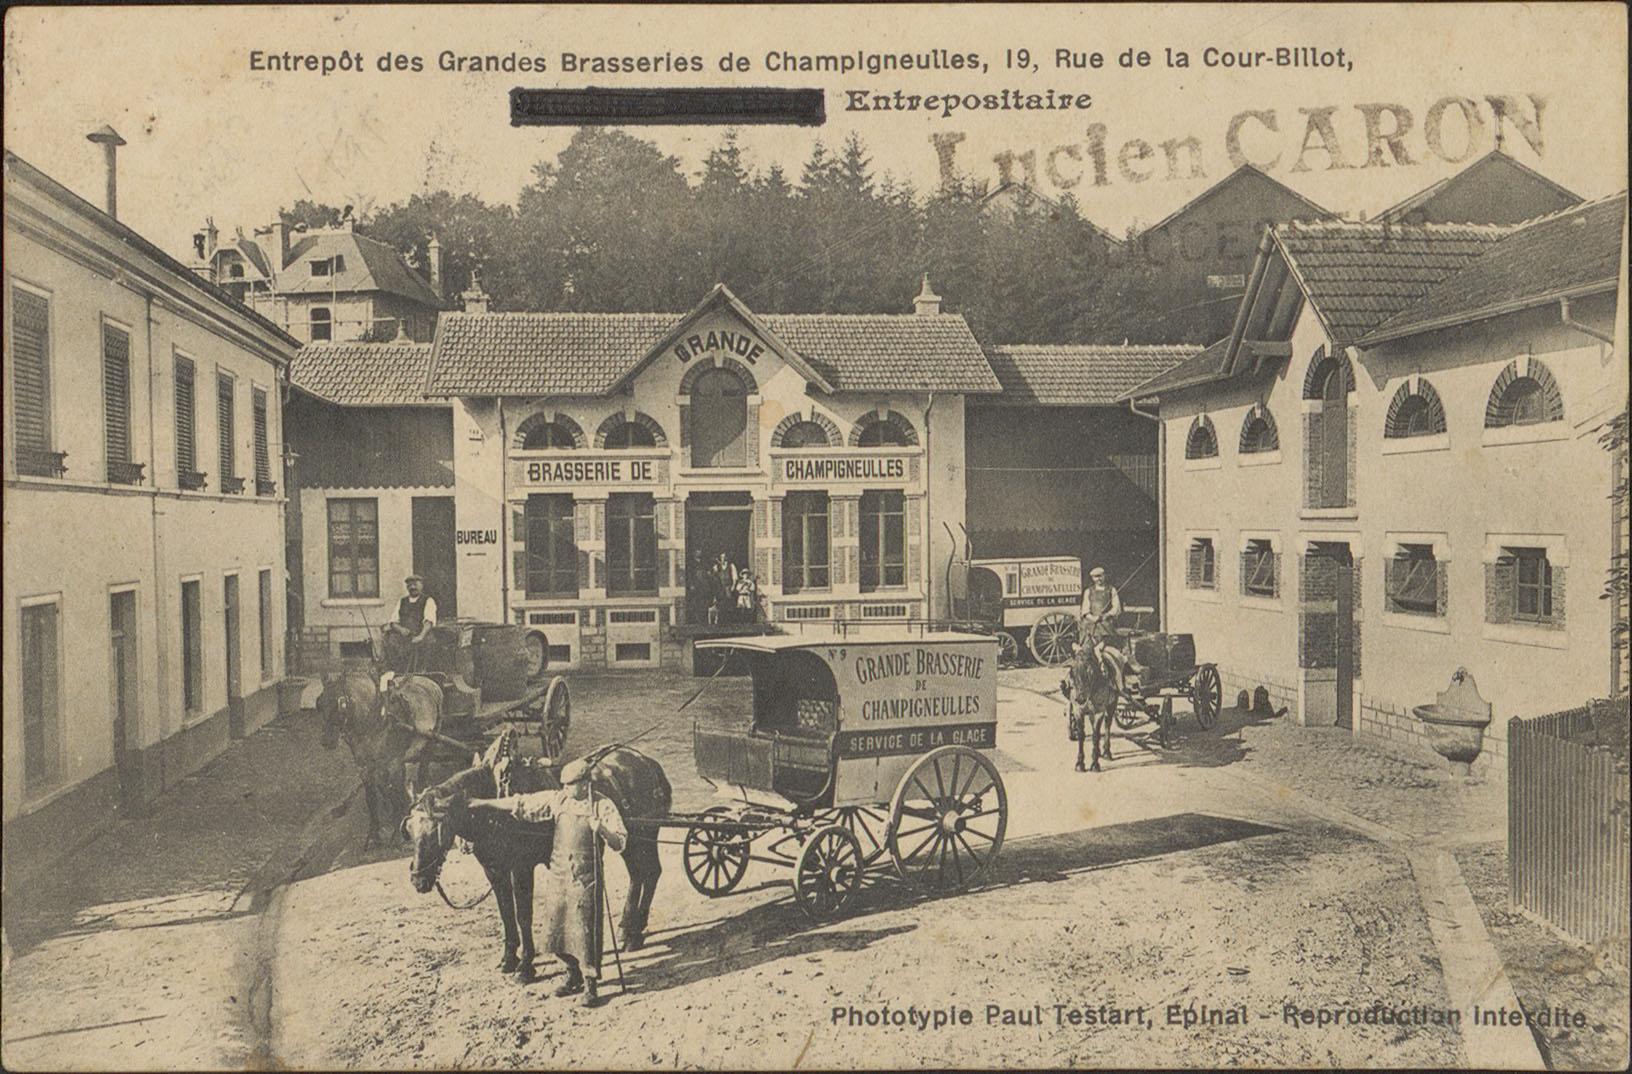 Contenu du Entrepôt des Grandes Brasseries de Champigneulles […]